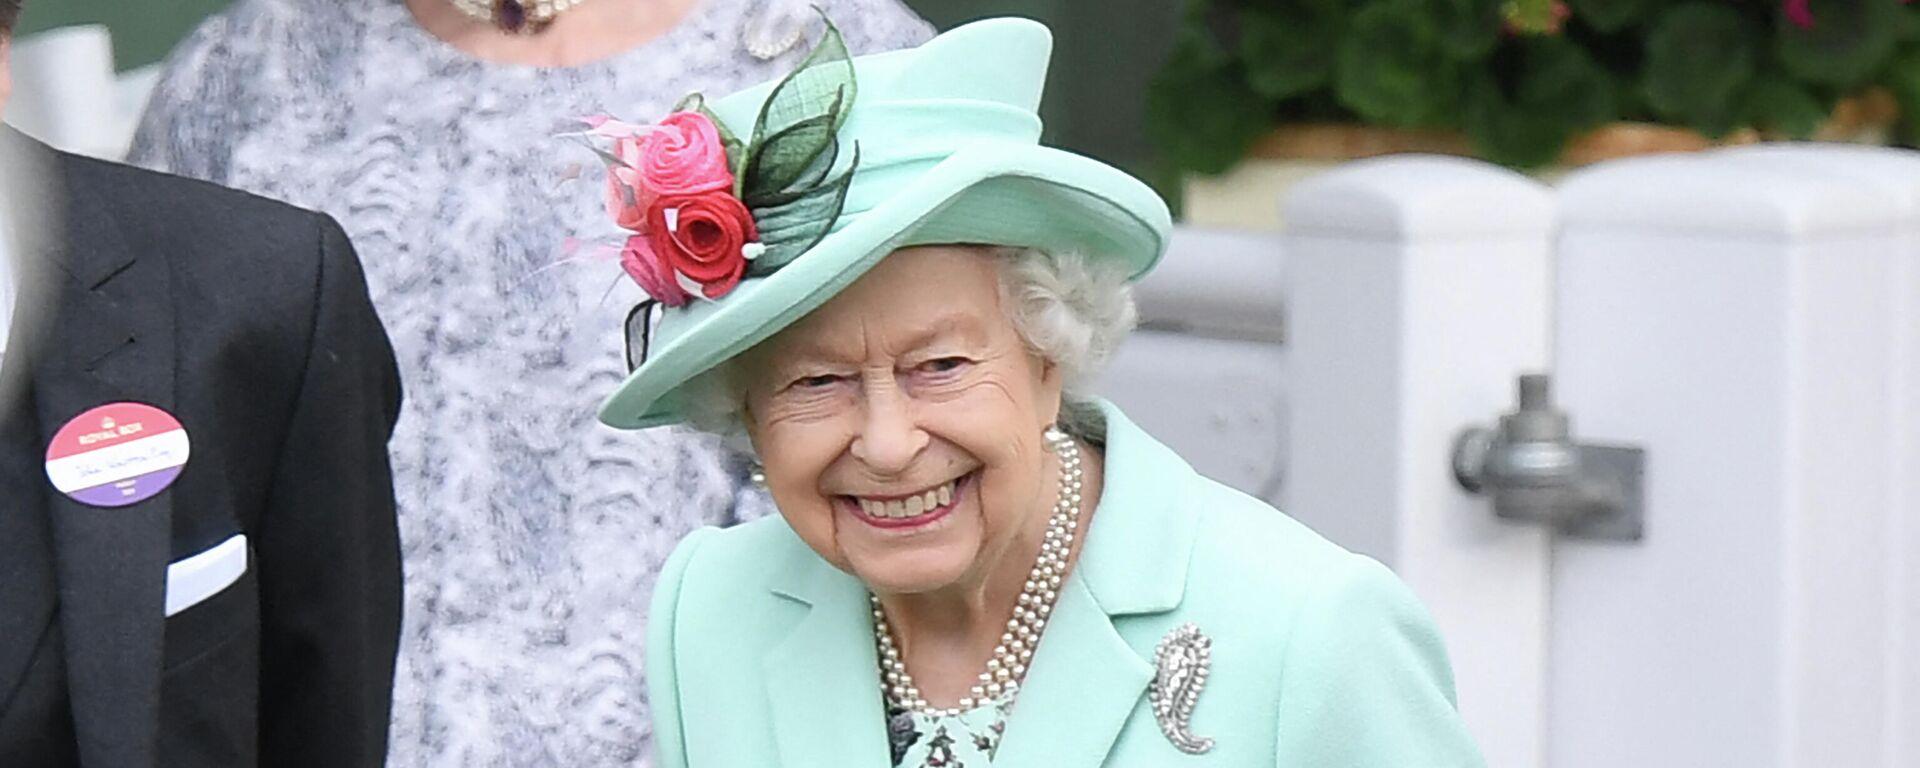 La reina Isabel II - Sputnik Mundo, 1920, 27.06.2021